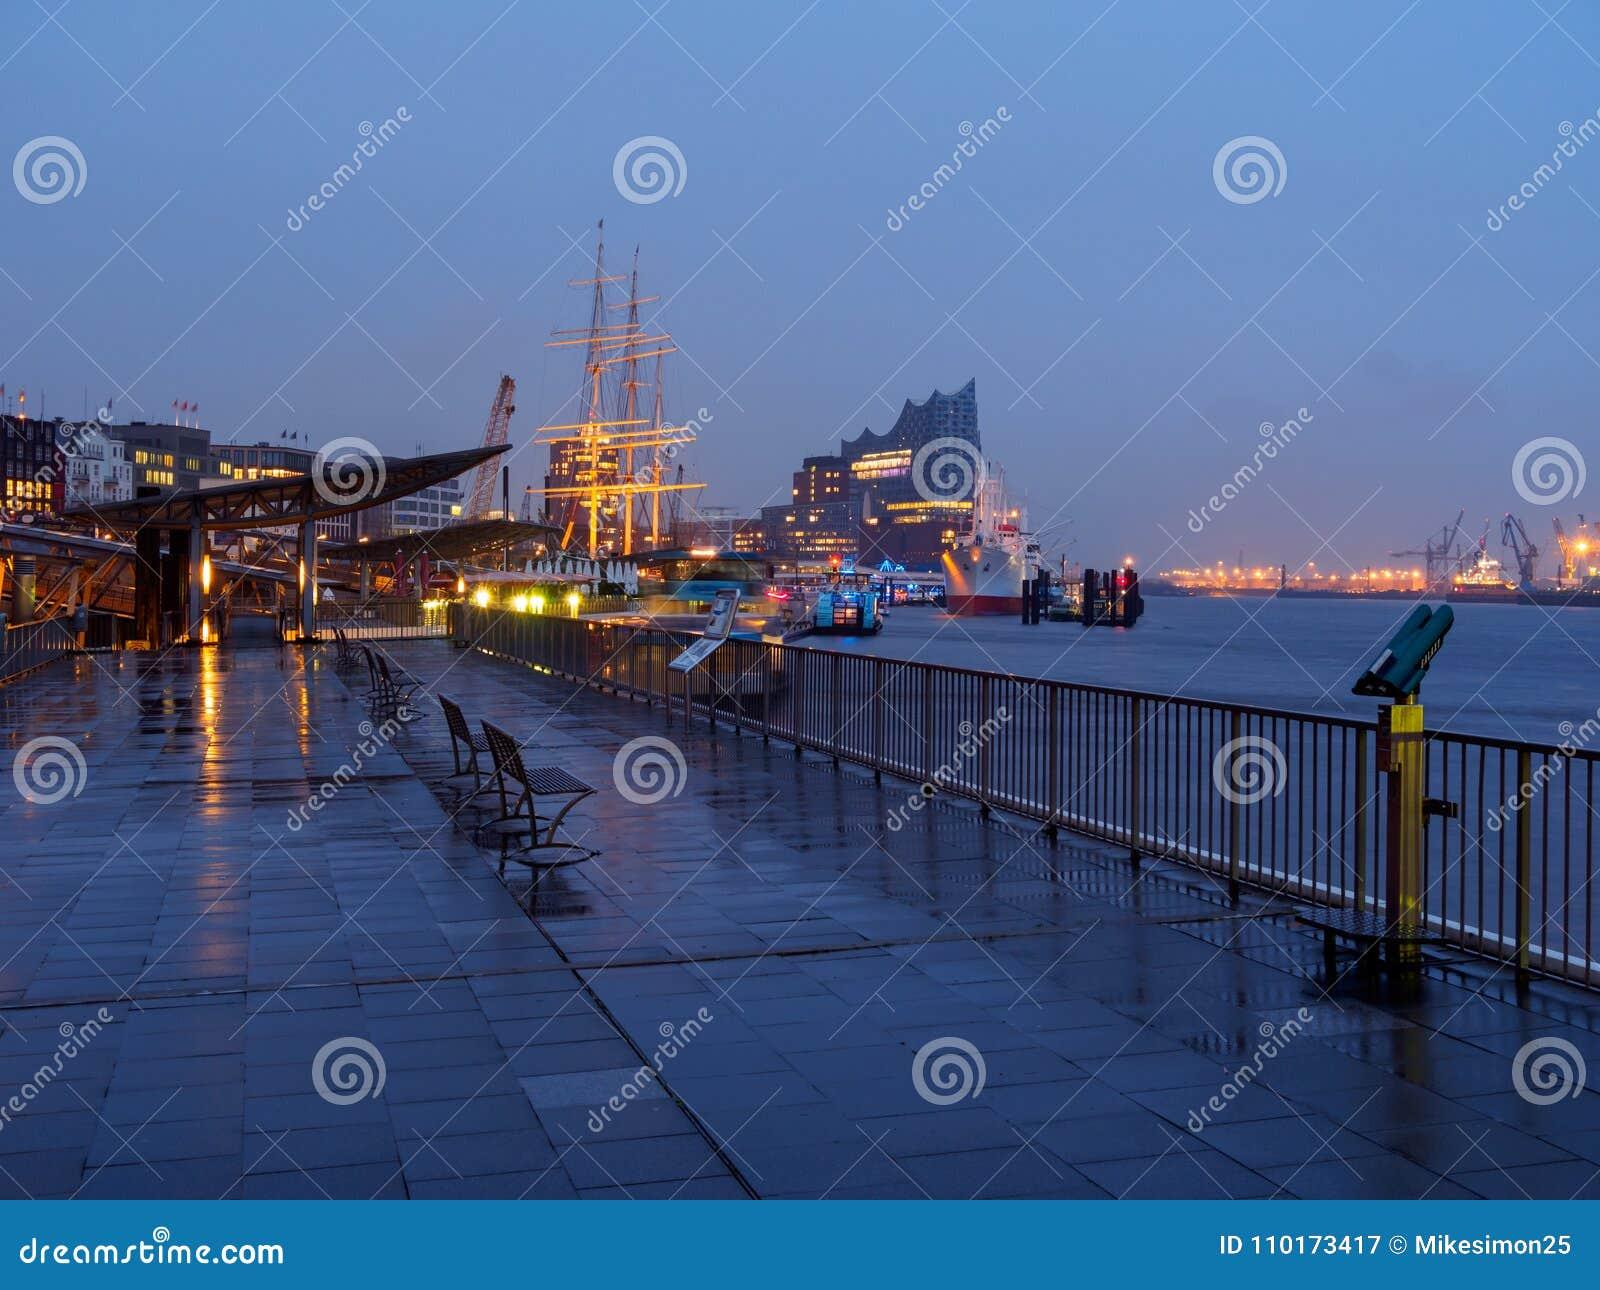 Hamburg, Deutschland - 4. April 2016: Verlassener Hafen von Hamburg an einem regnerischen Tag am Abend mit belichtetem Elbphilhar